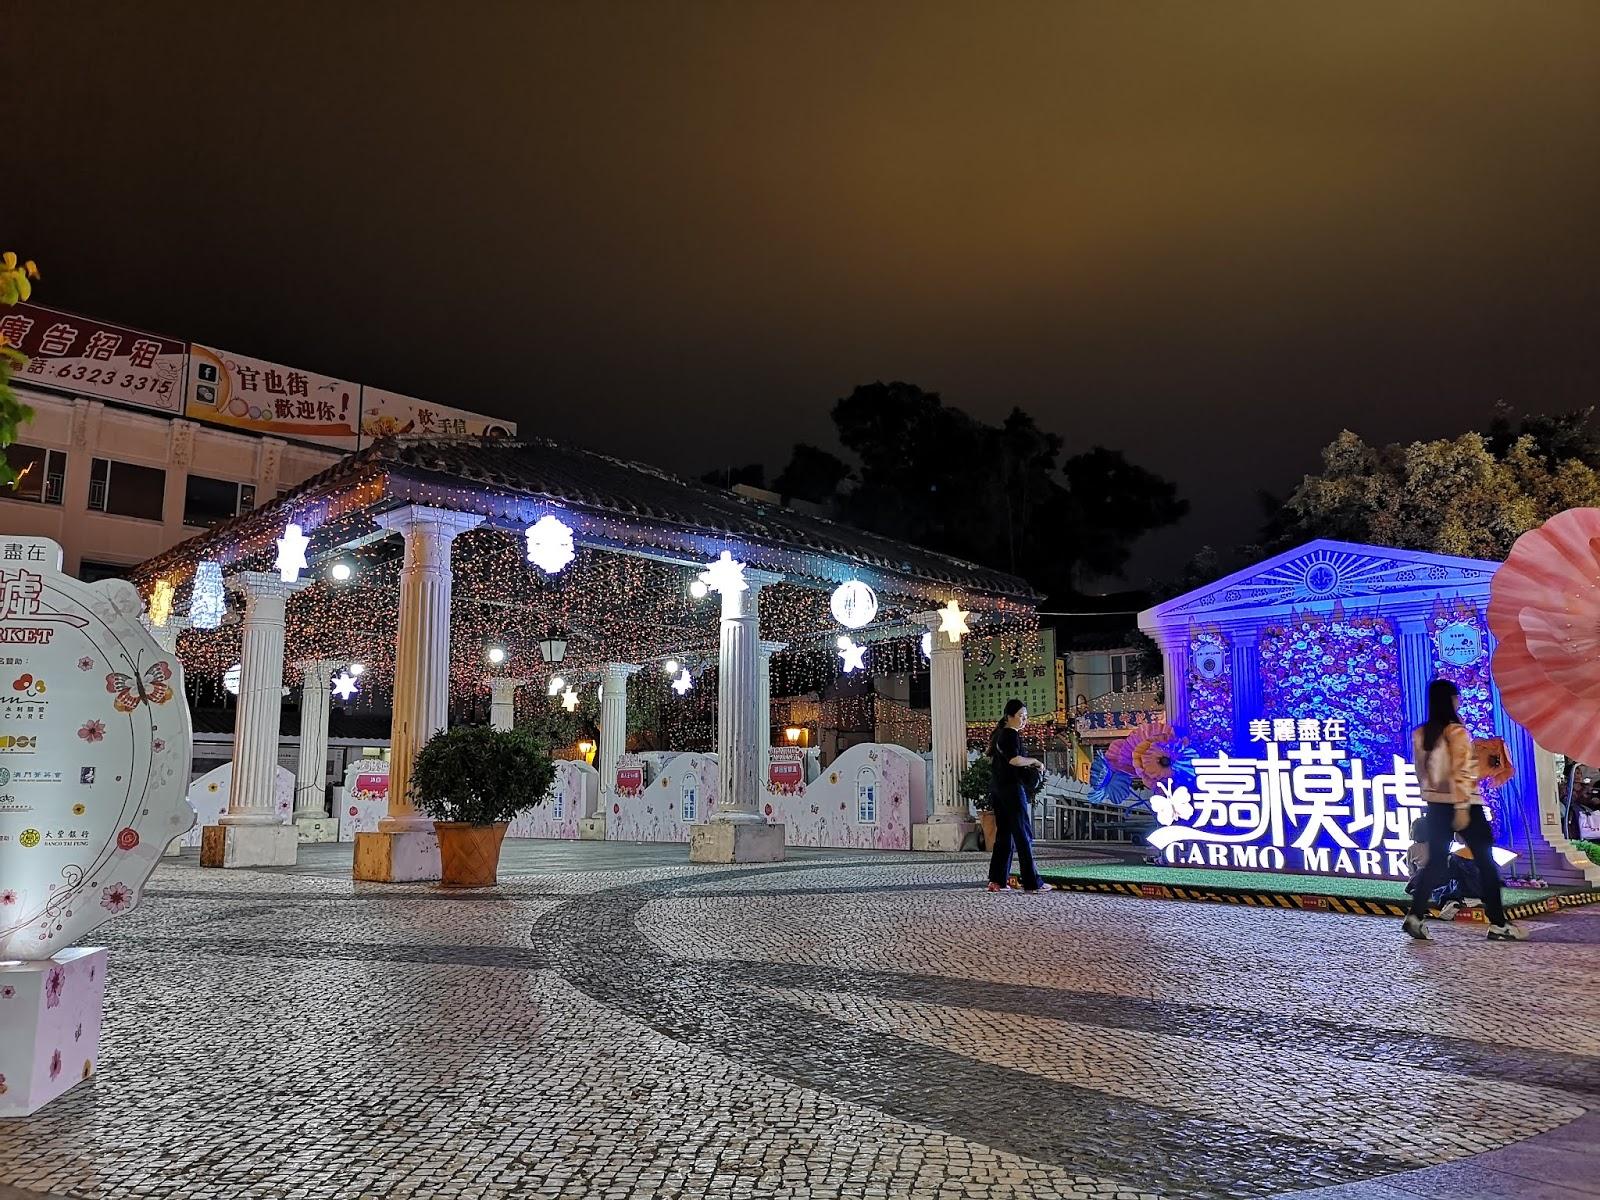 澳門 光影節 2018 燈飾裝置展示澳門的美食文化 氹仔 燈飾 | 林公子遊誌 | 旅遊嘆世界 - fanpiece